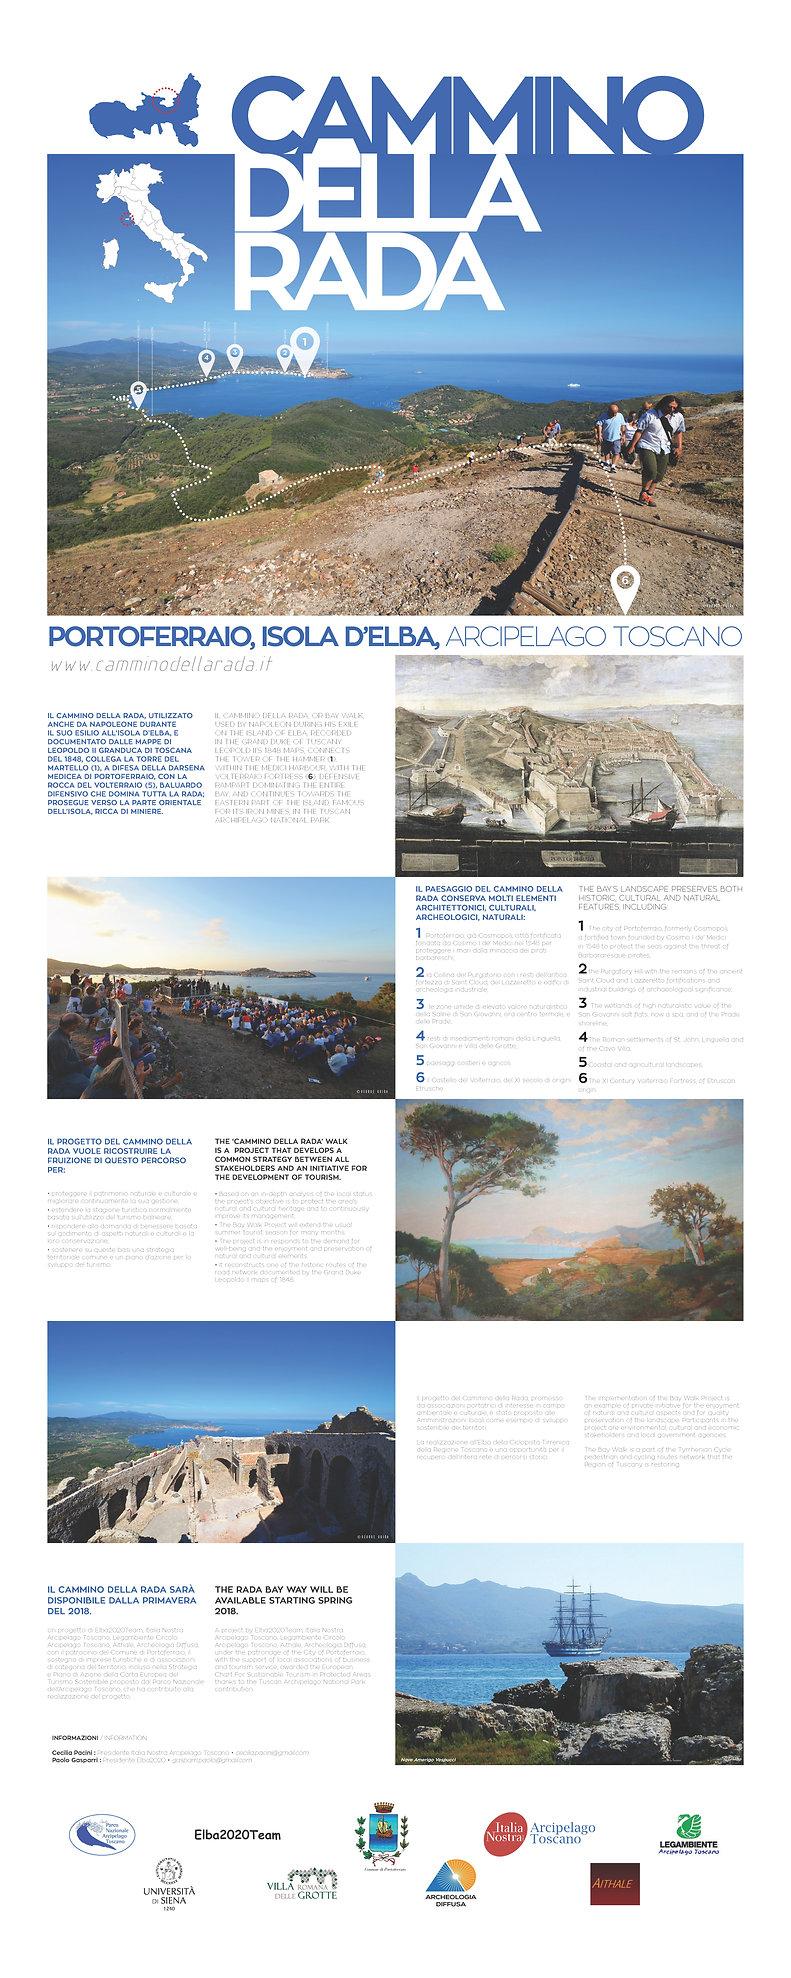 170923_Poster Cammino della Rada.jpg